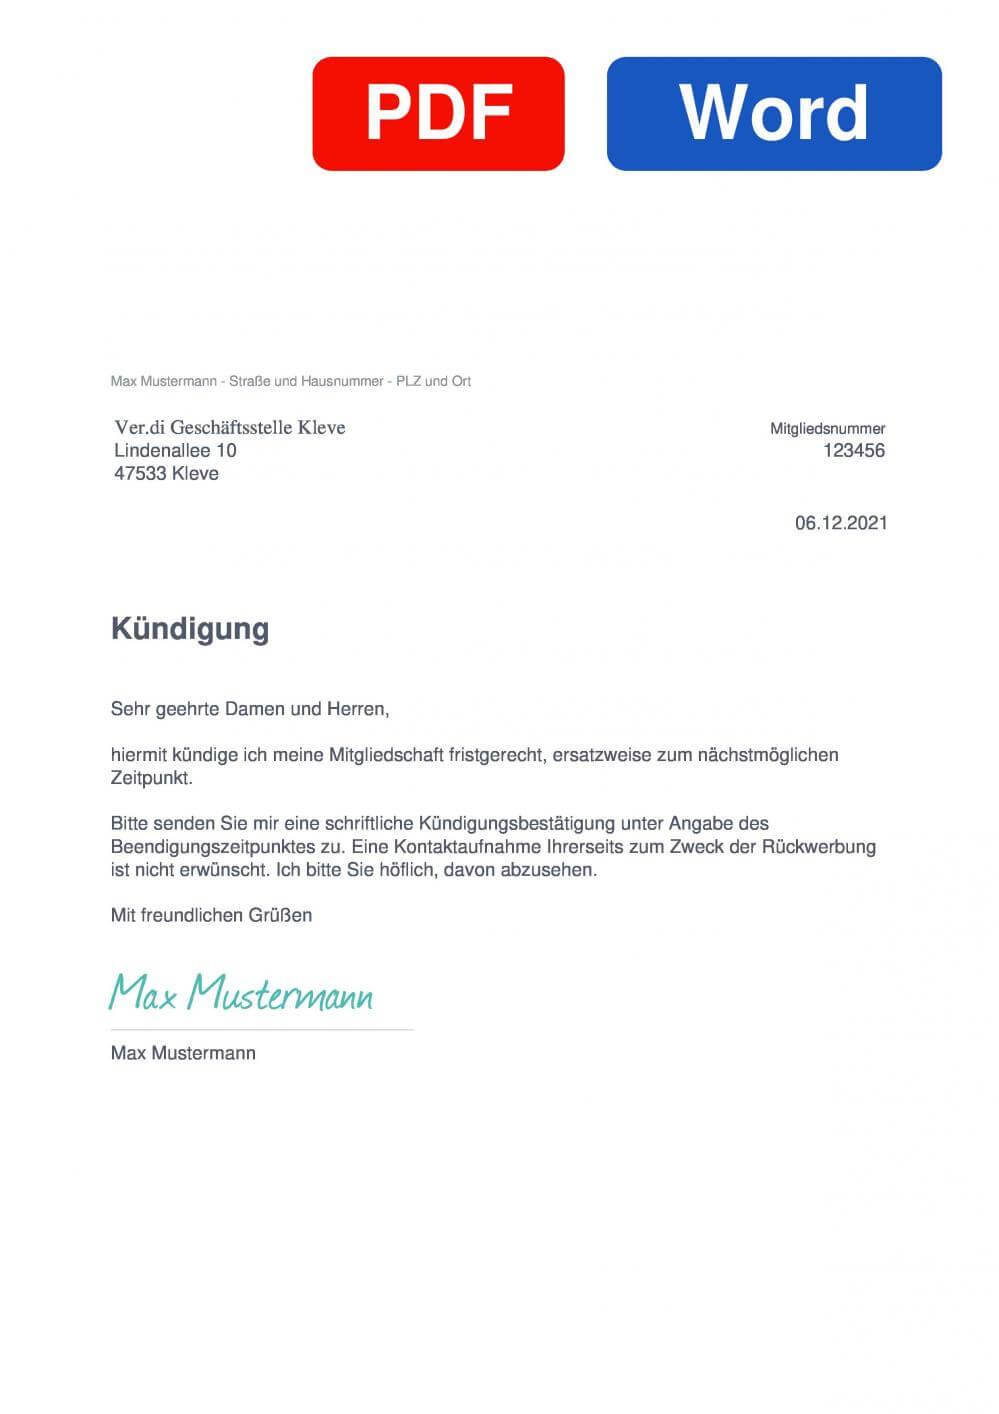 Verdi Kleve Muster Vorlage für Kündigungsschreiben